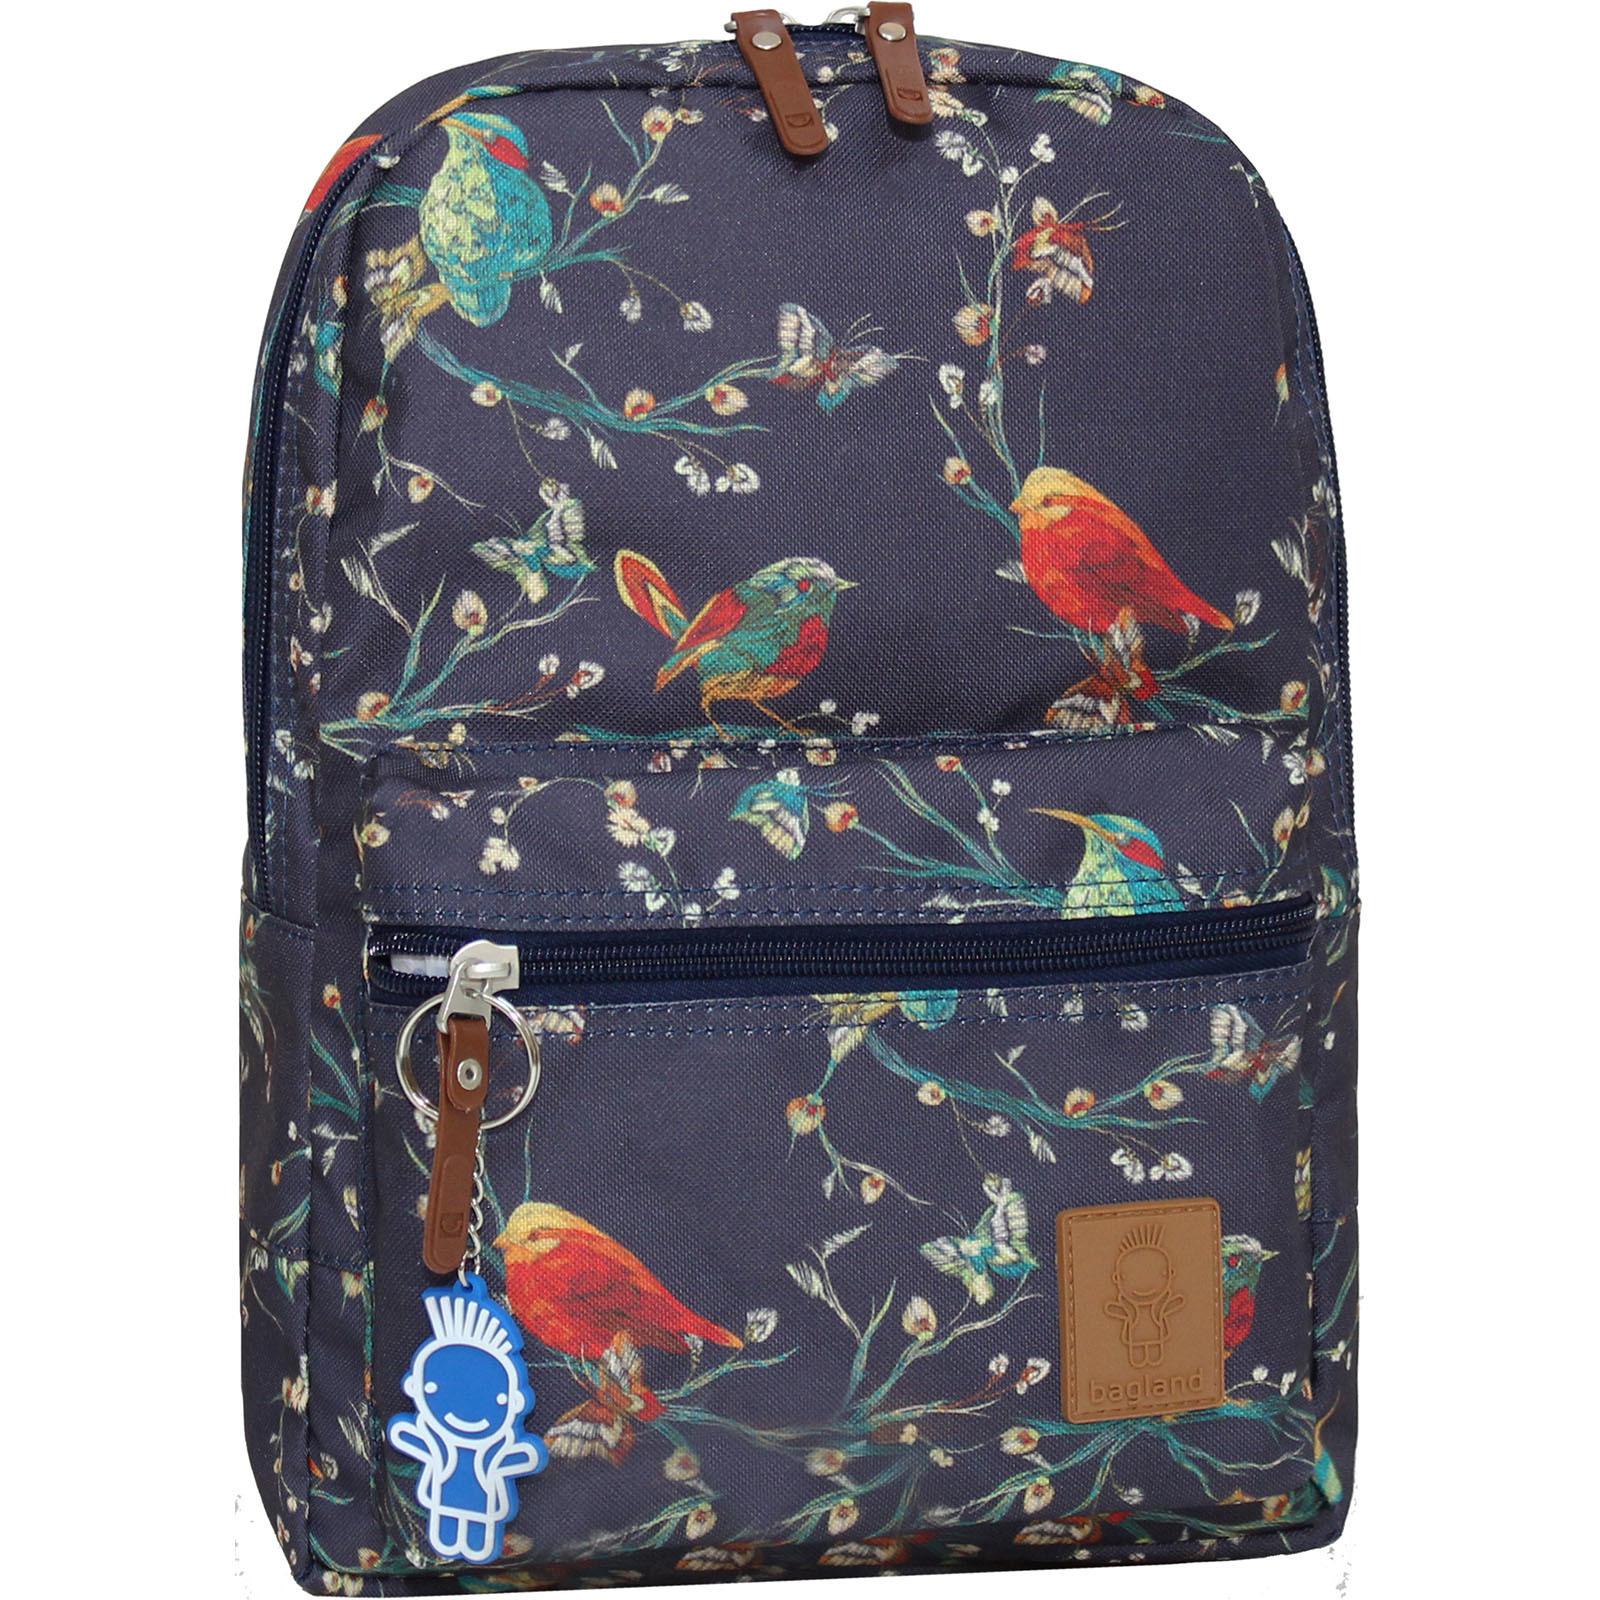 Детские рюкзаки Рюкзак Bagland Молодежный mini 8 л. сублимация 160 (00508664) IMG_9446.JPG